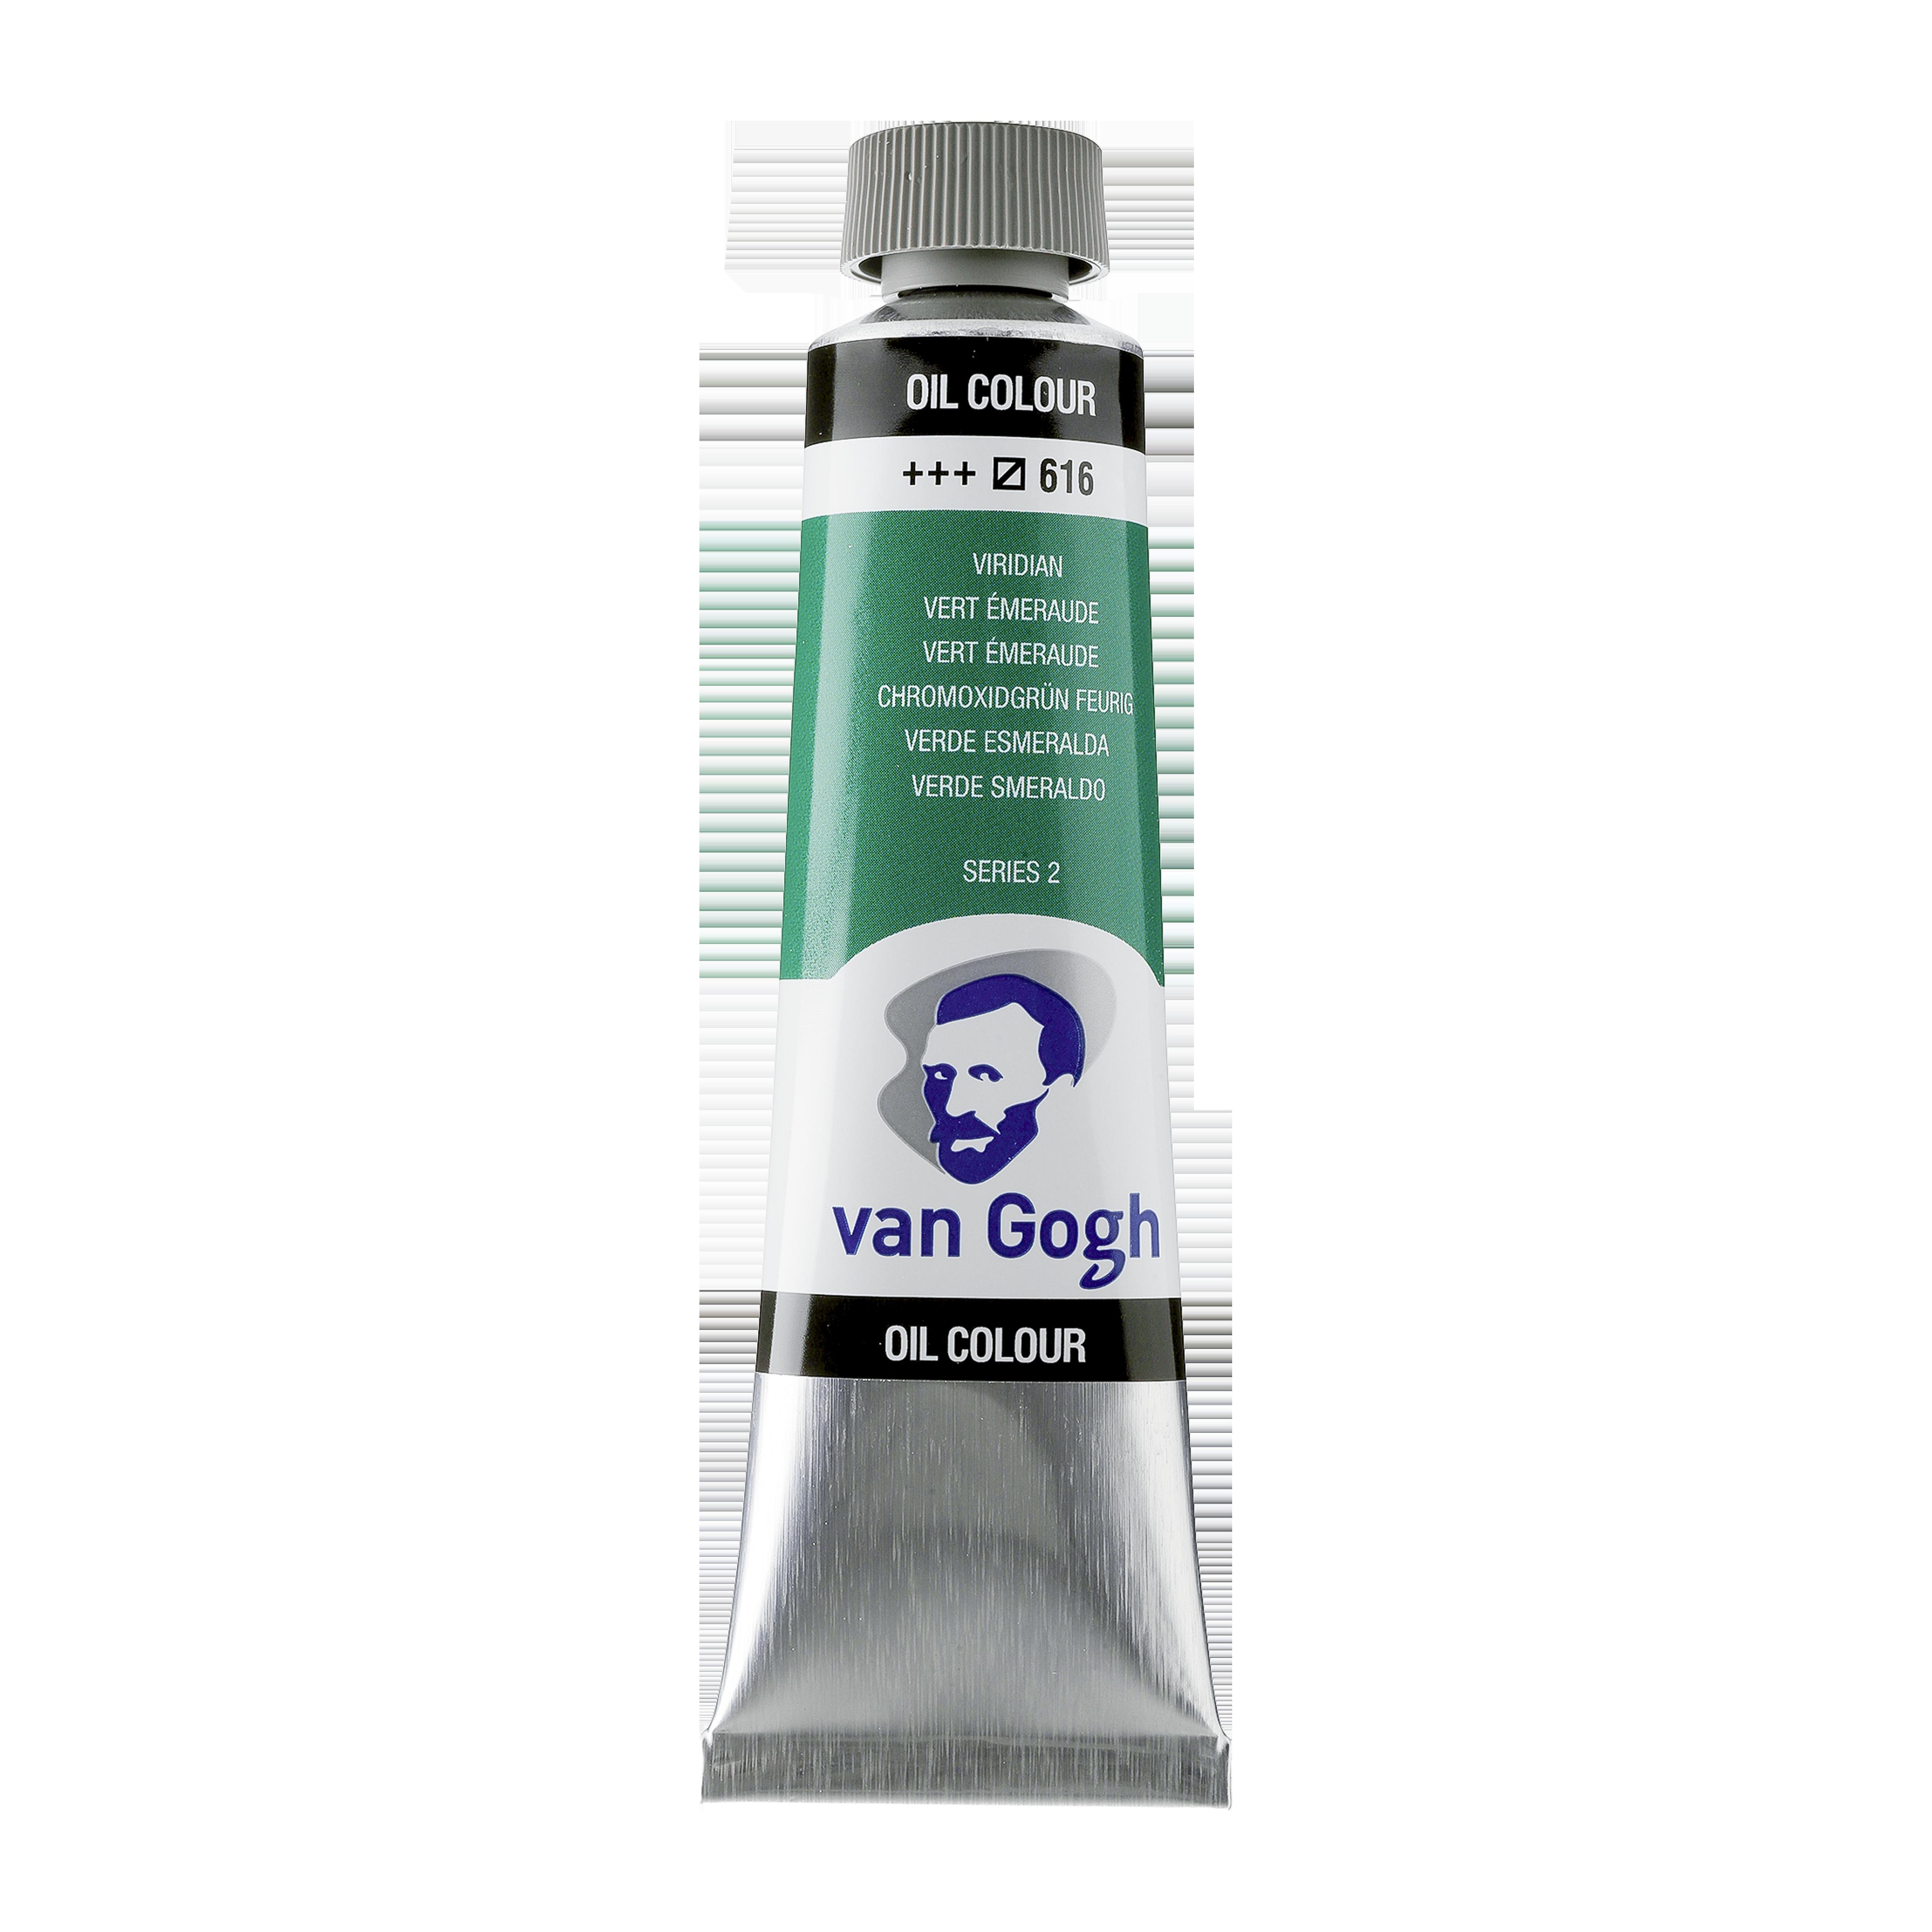 Õlivärv Van Gogh 40ml, 616 Viridian, sinakas roheline